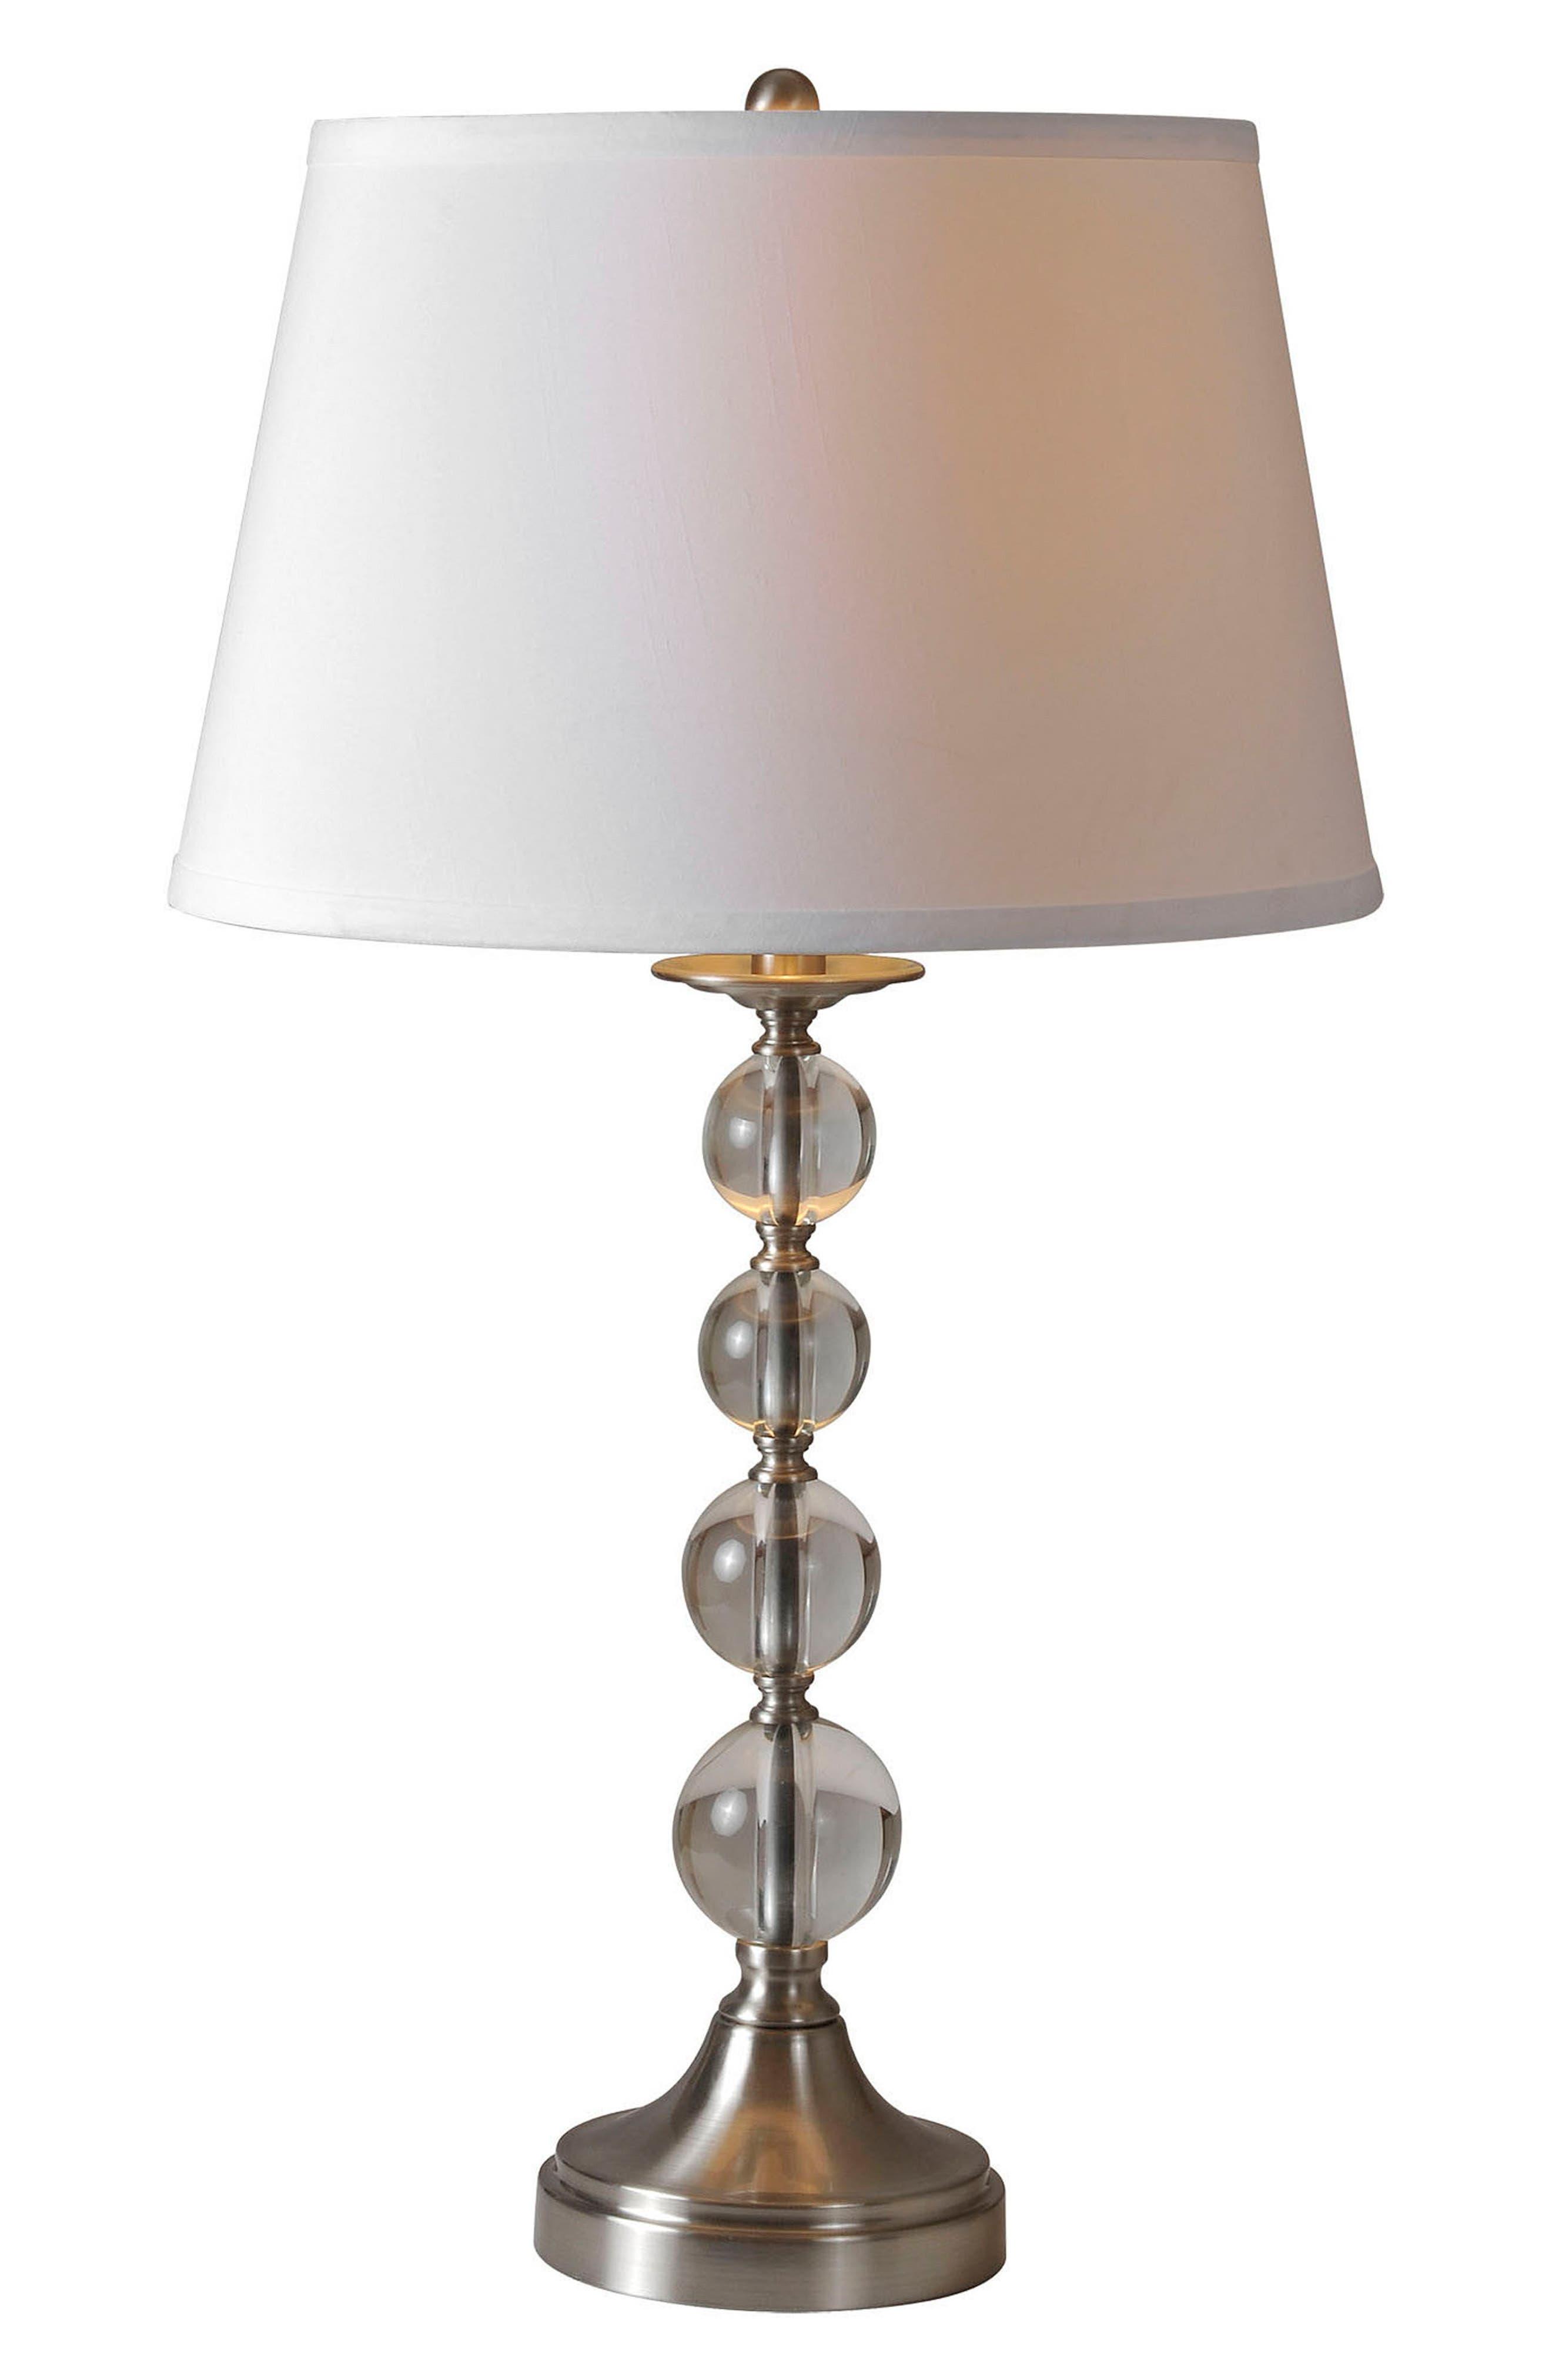 Alternate Image 1 Selected - Renwil Venezia Set of 2 Table Lamps